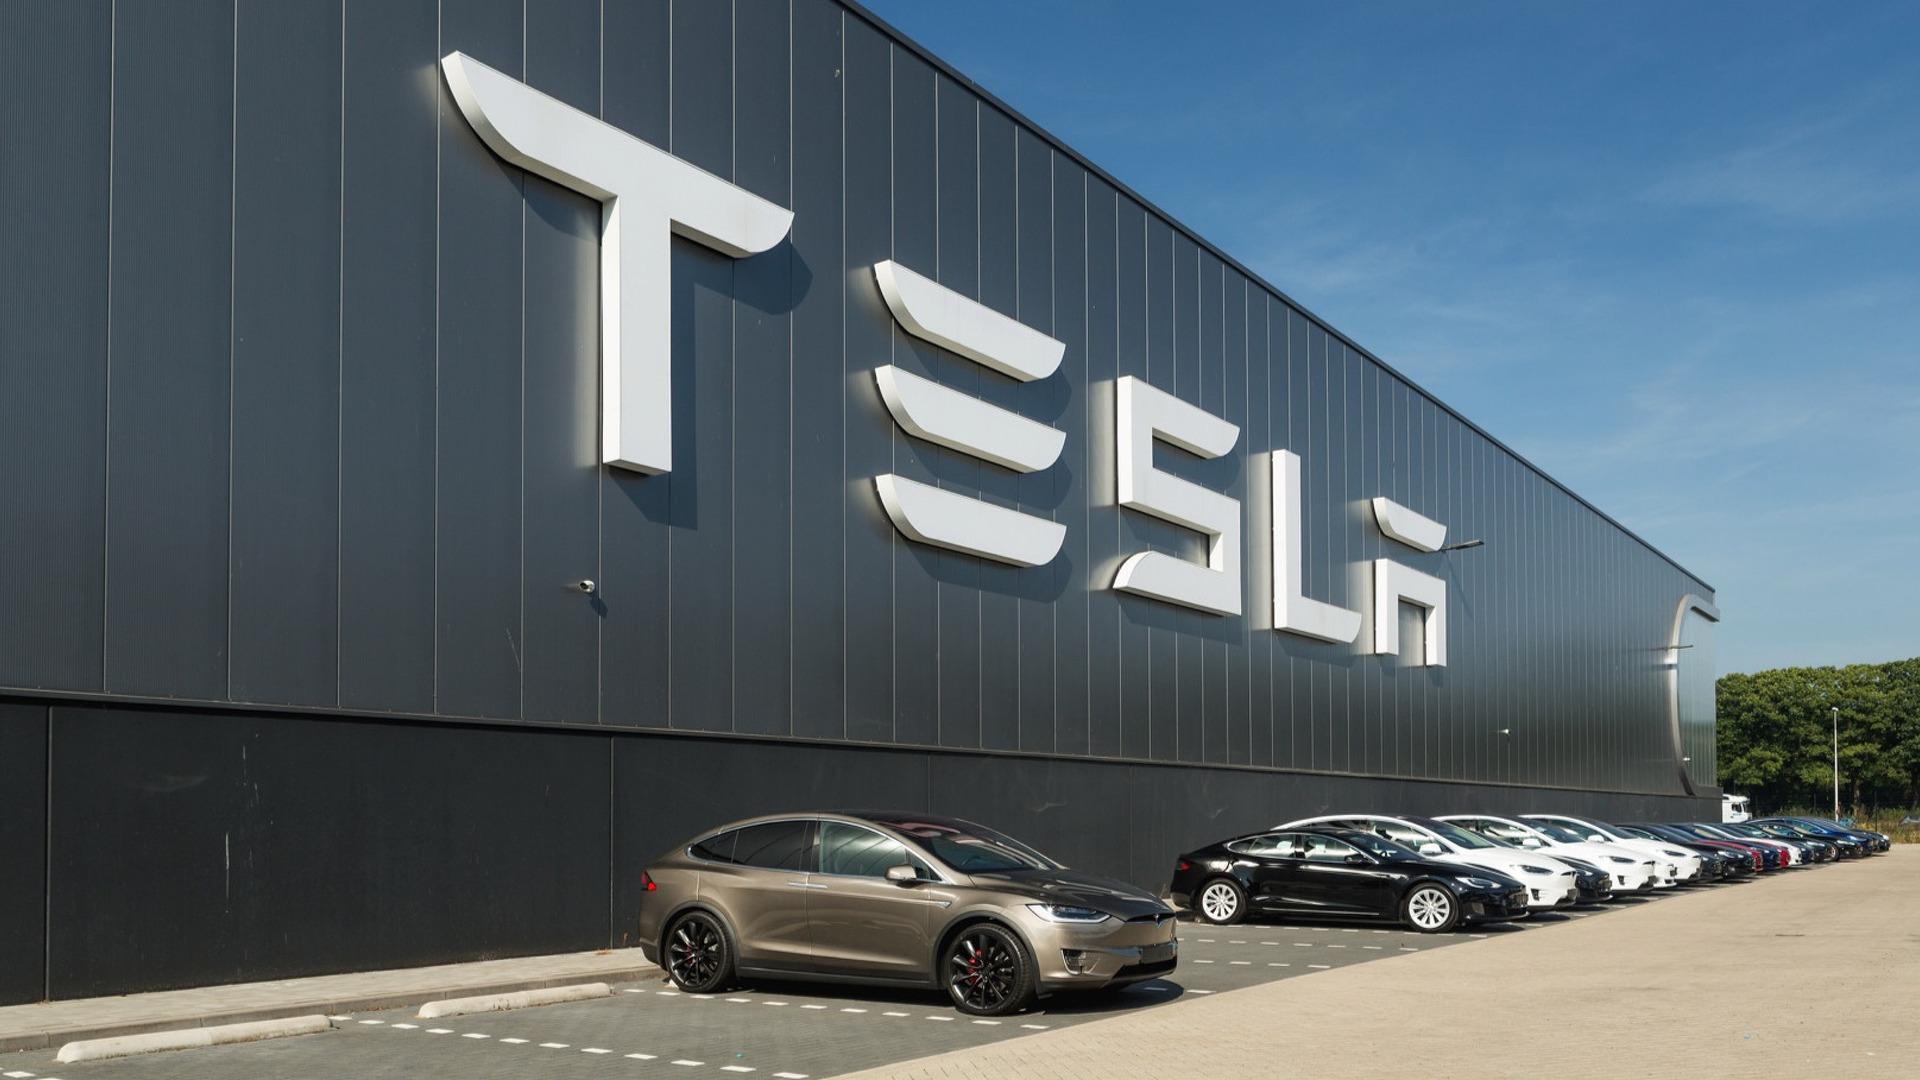 La com' par le LOL d'Elon Musk à l'épreuve de la correction de Tesla - BFM Bourse